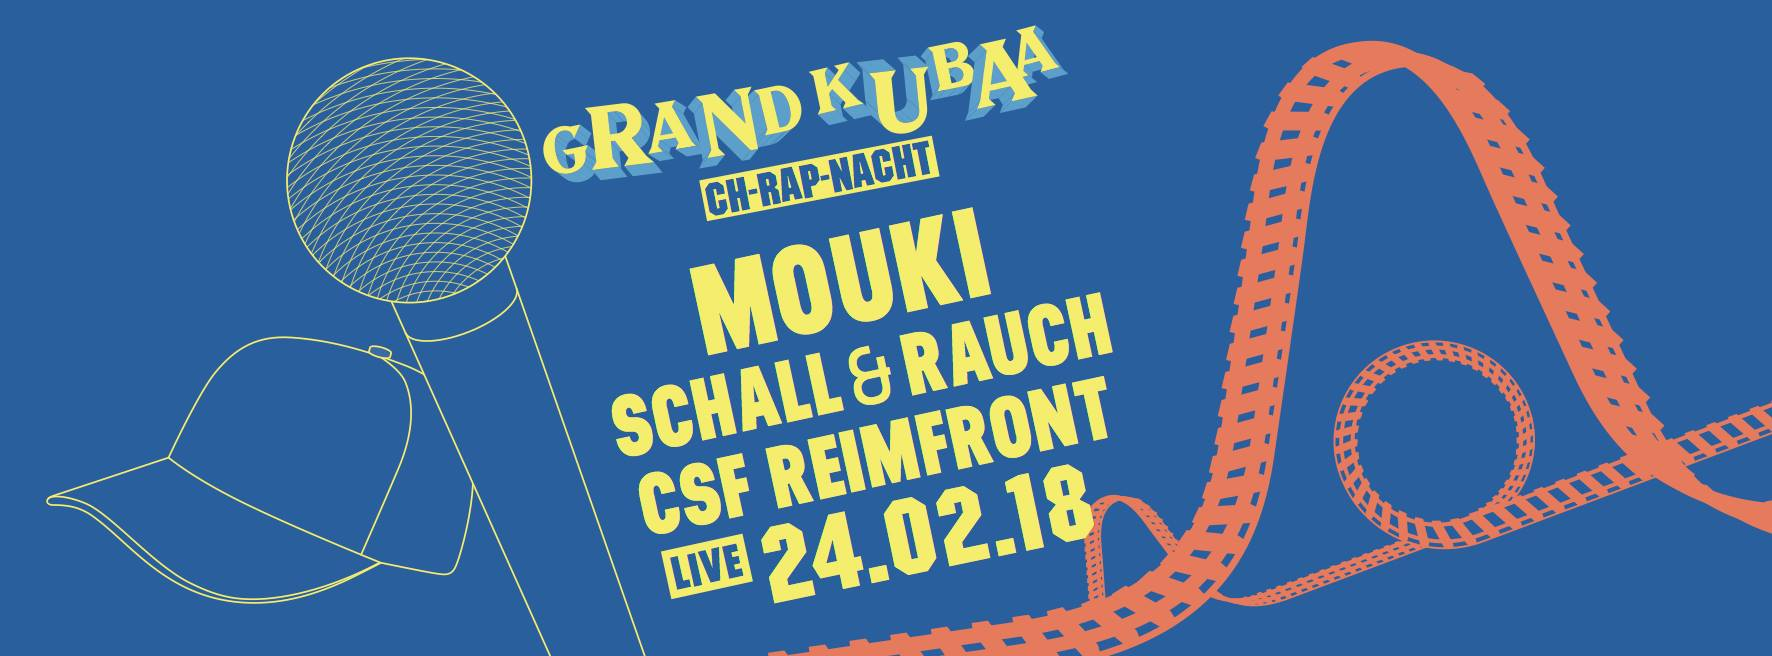 grand_kubaa_5_feat_mouki_csf_reimfront_flyer_2018